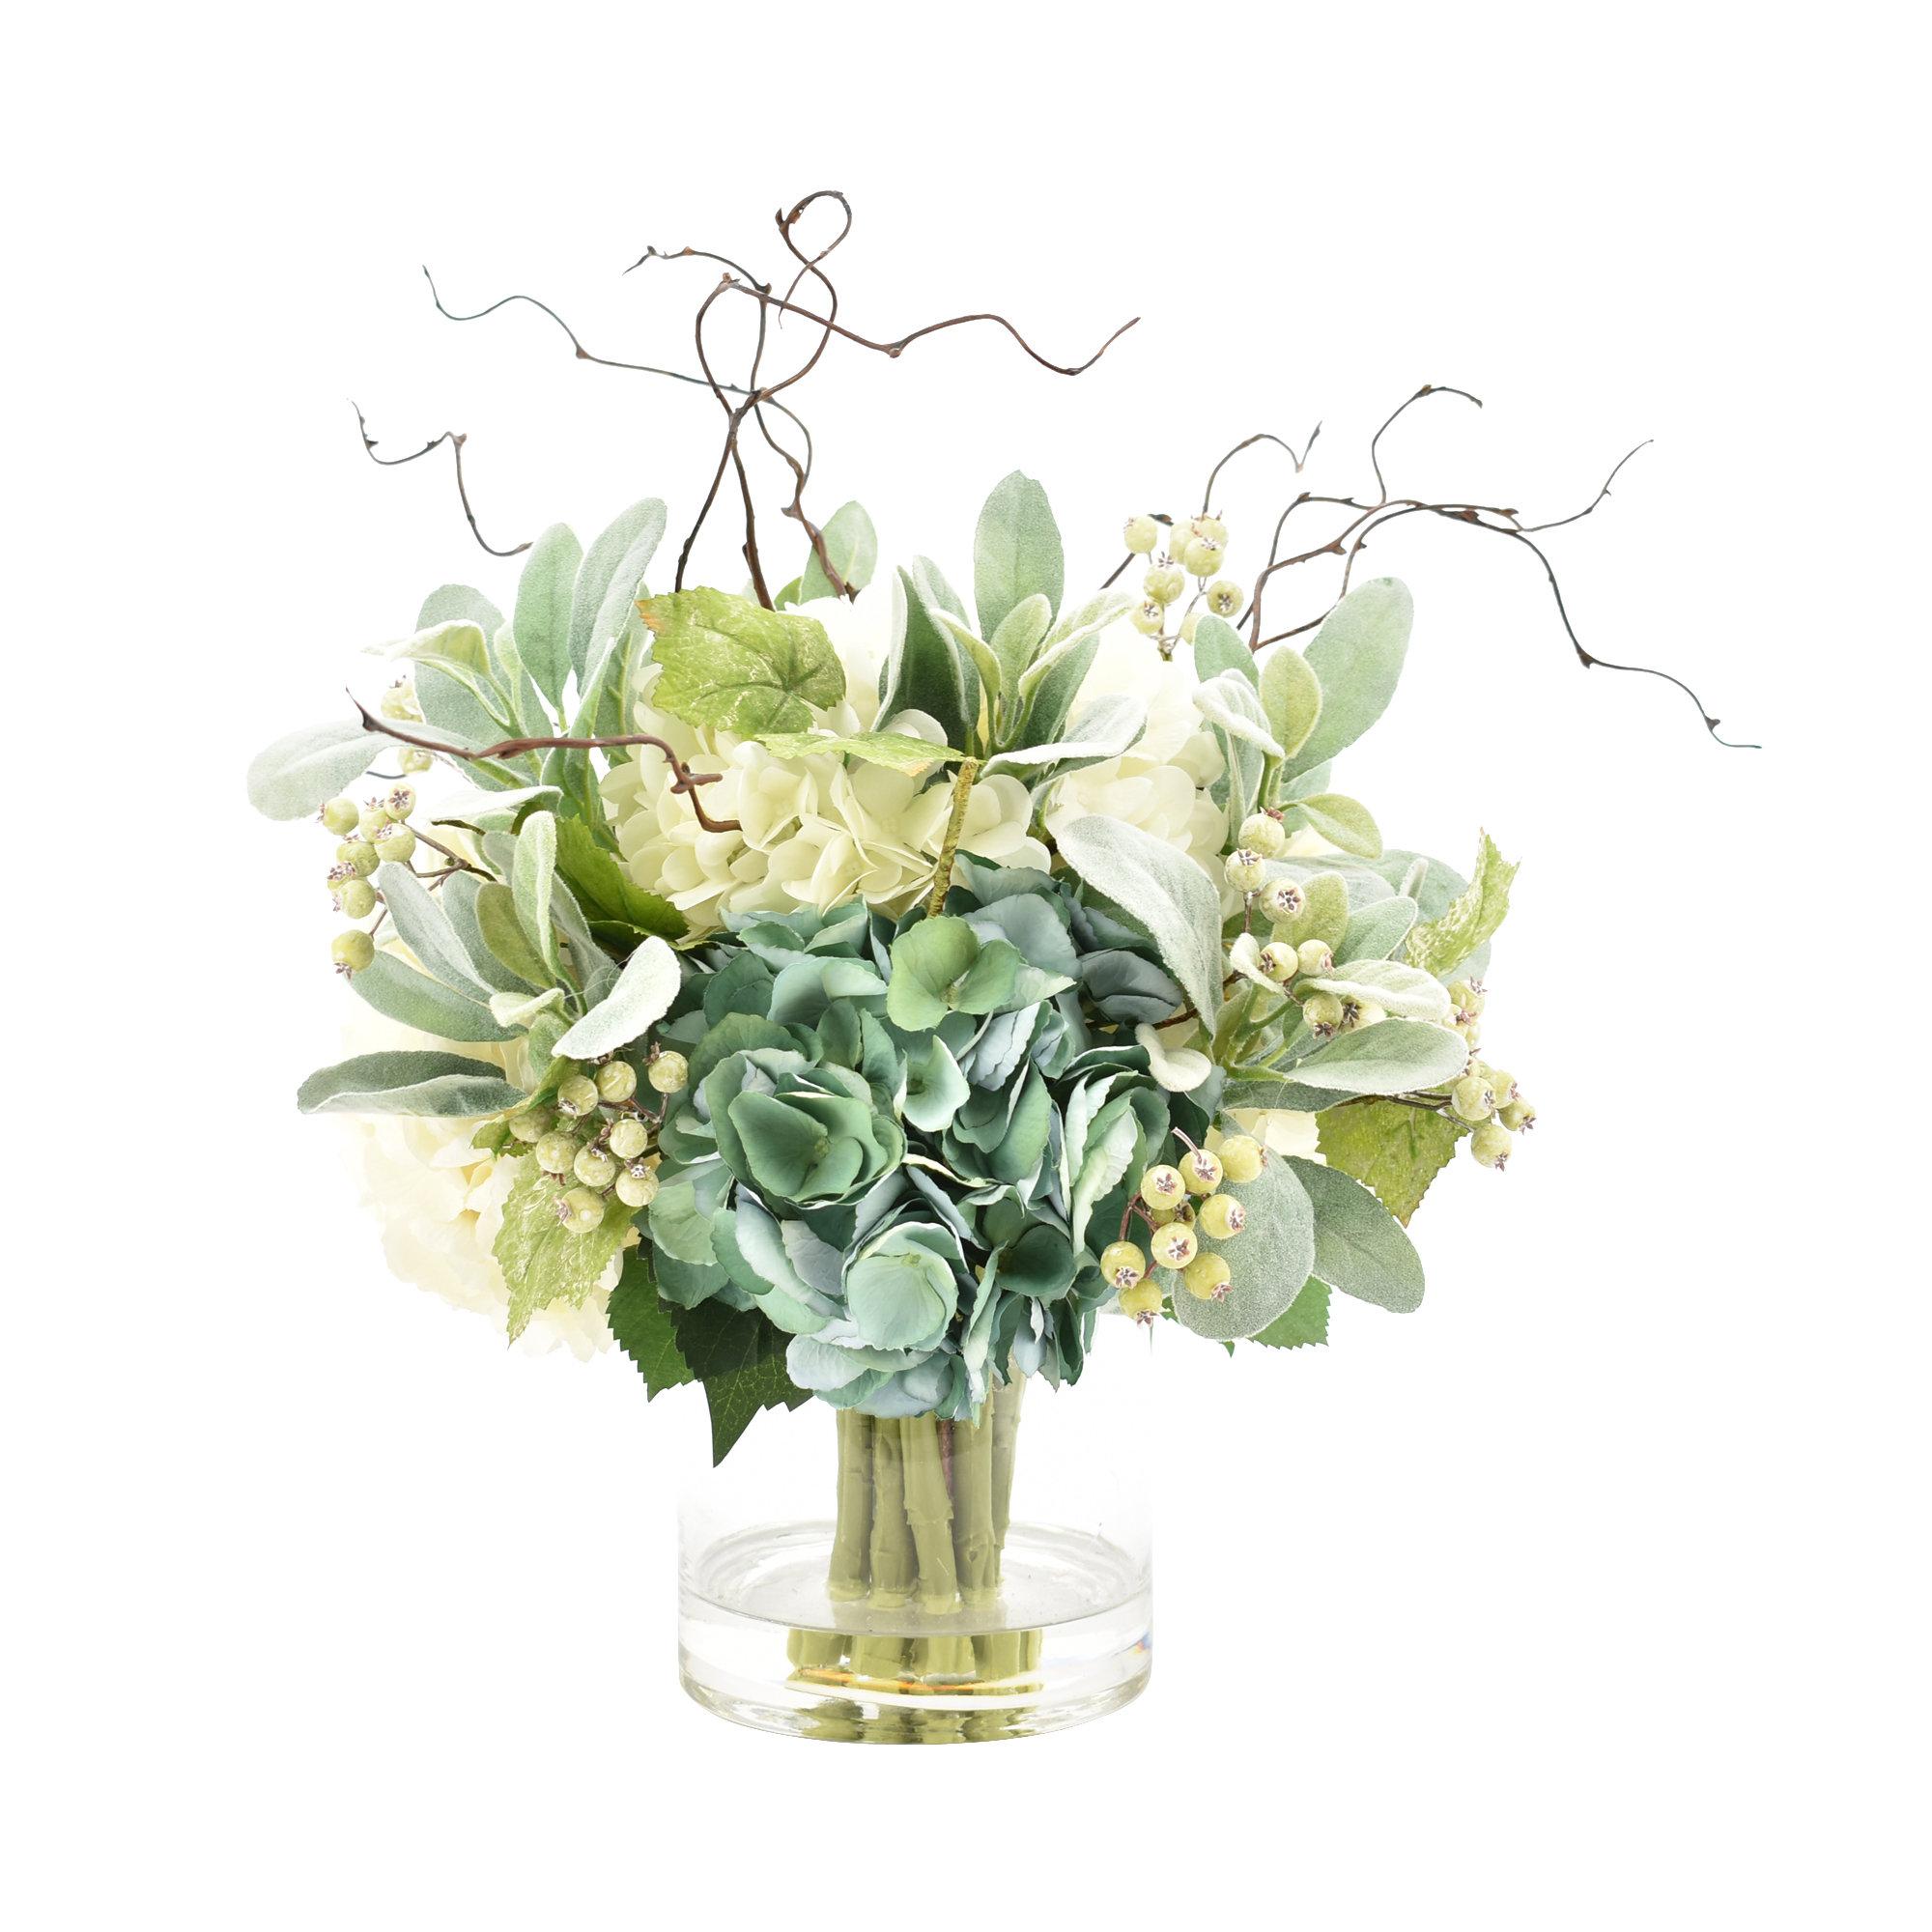 225 & Hydrangeas Floral Arrangement in Glass Vase